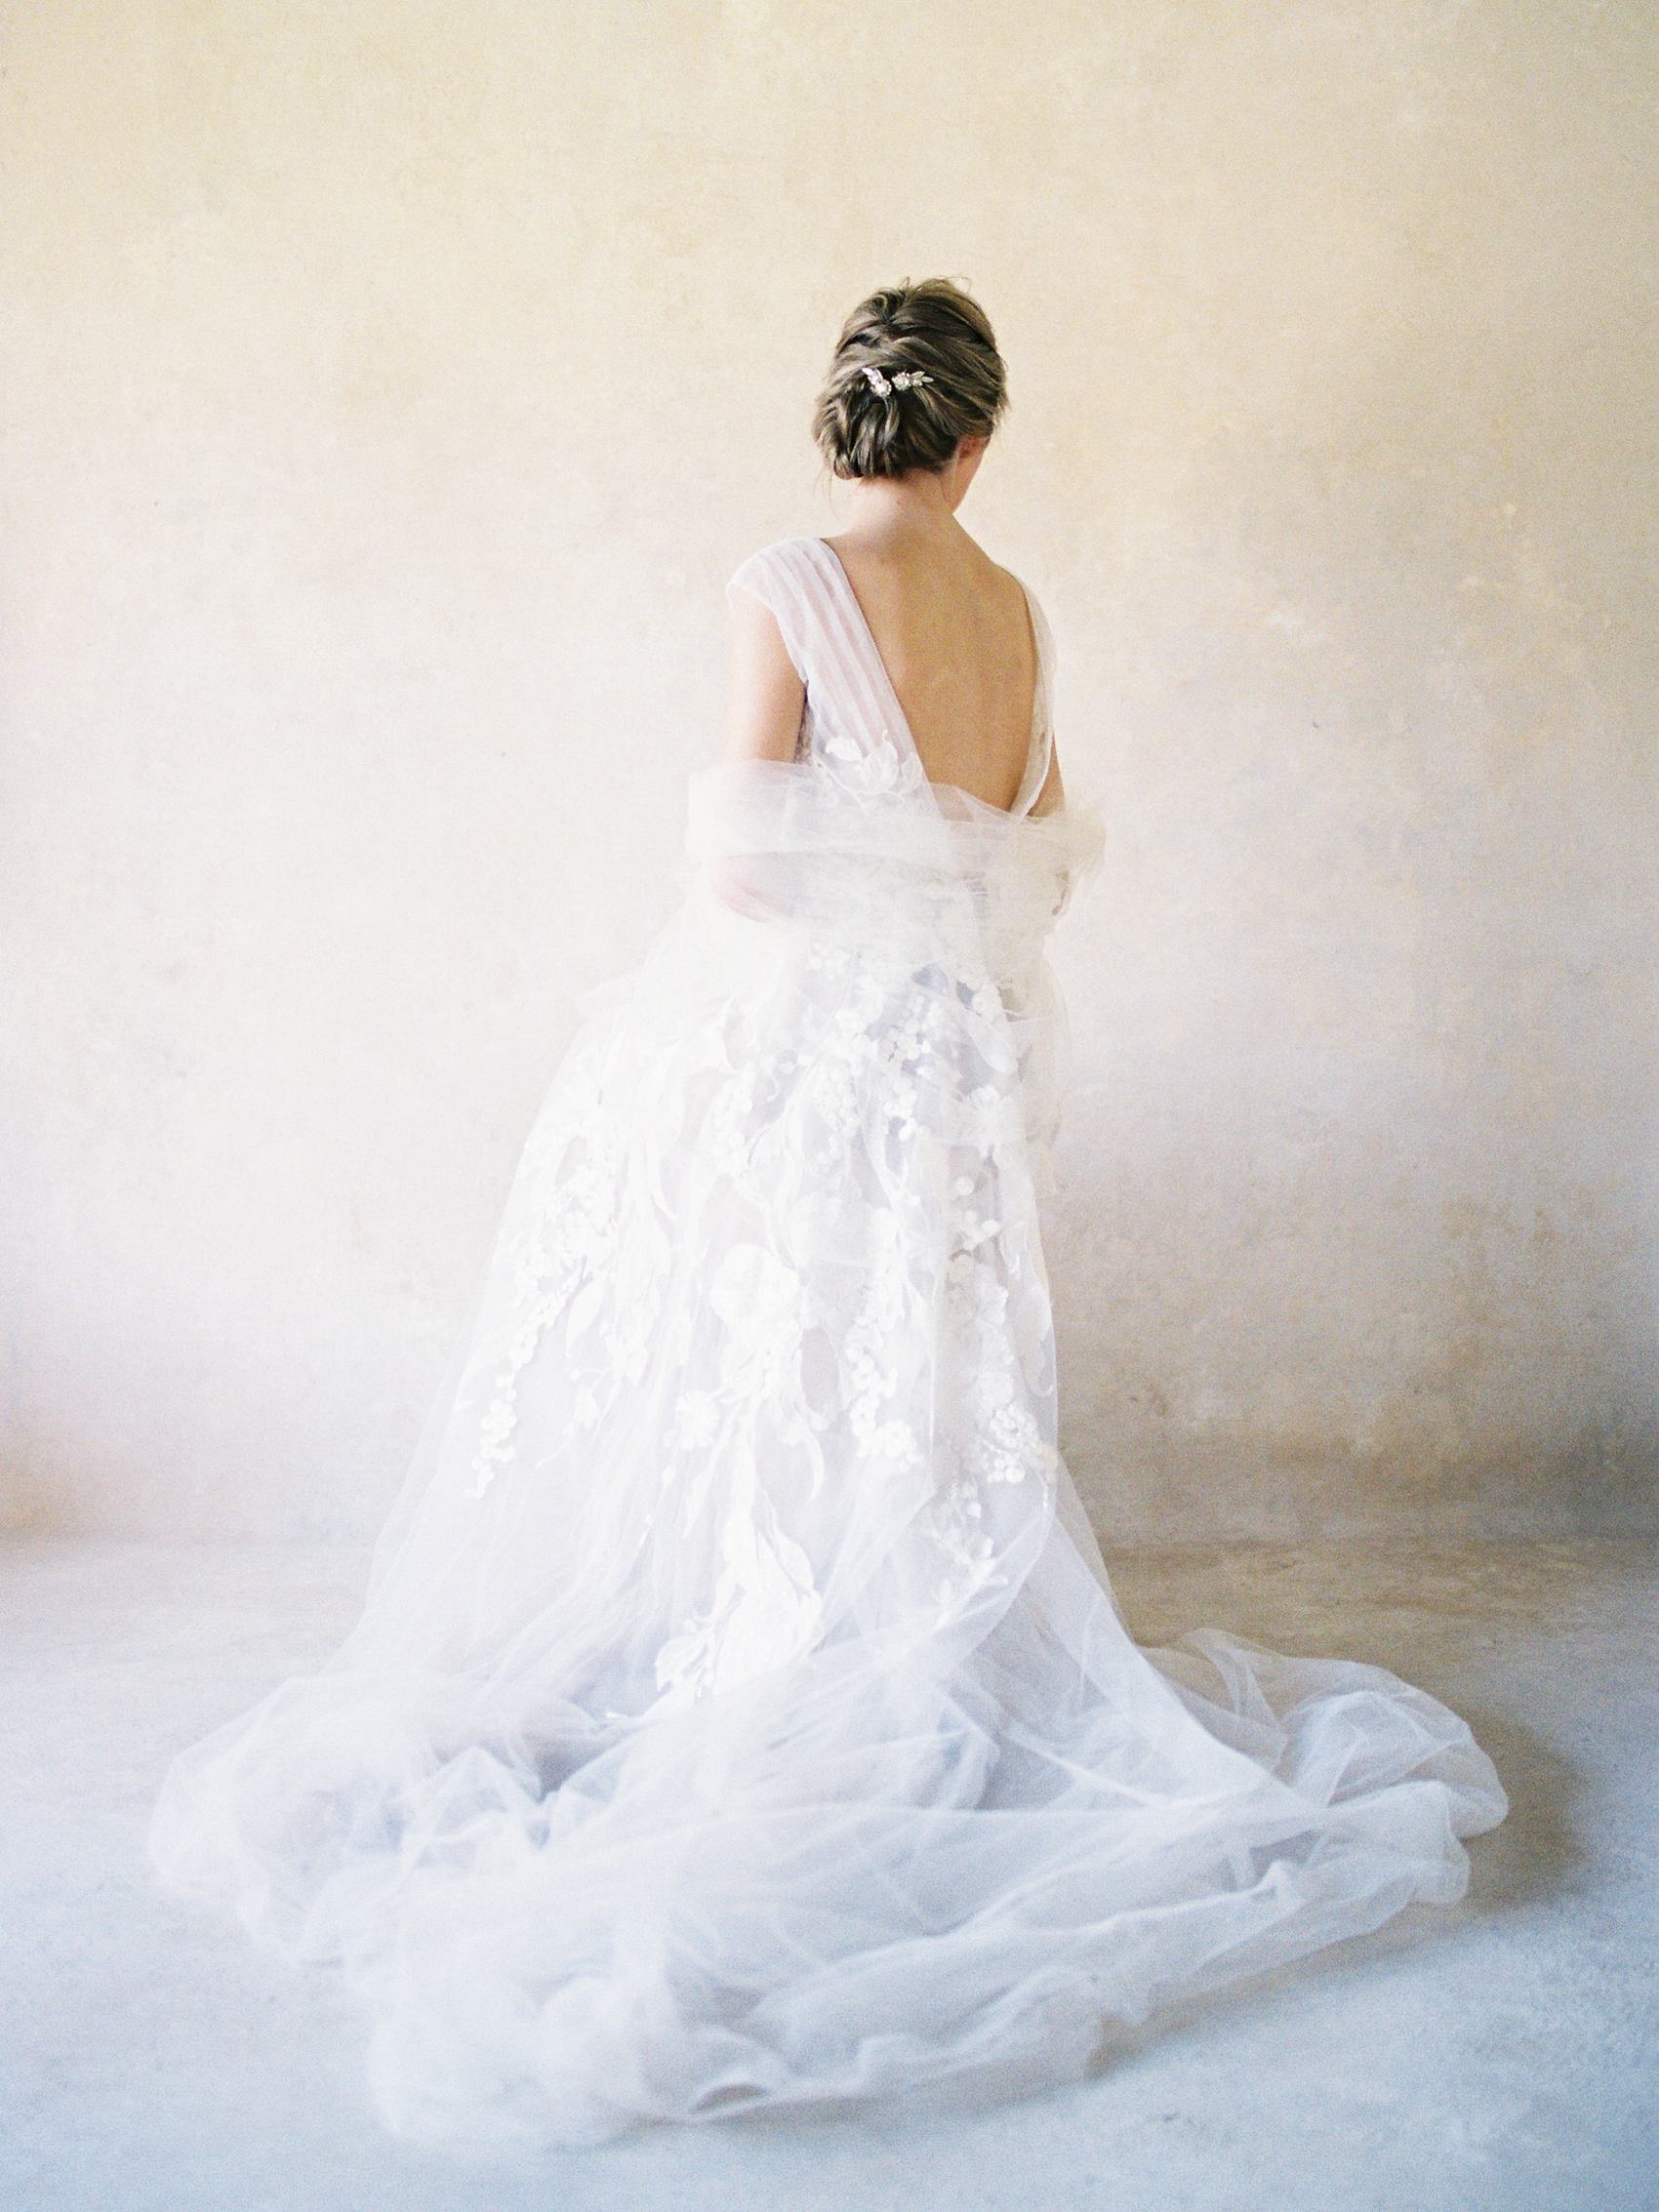 Bridal-Hollywood-10-Jen_Huang-032491-R1-011.jpg